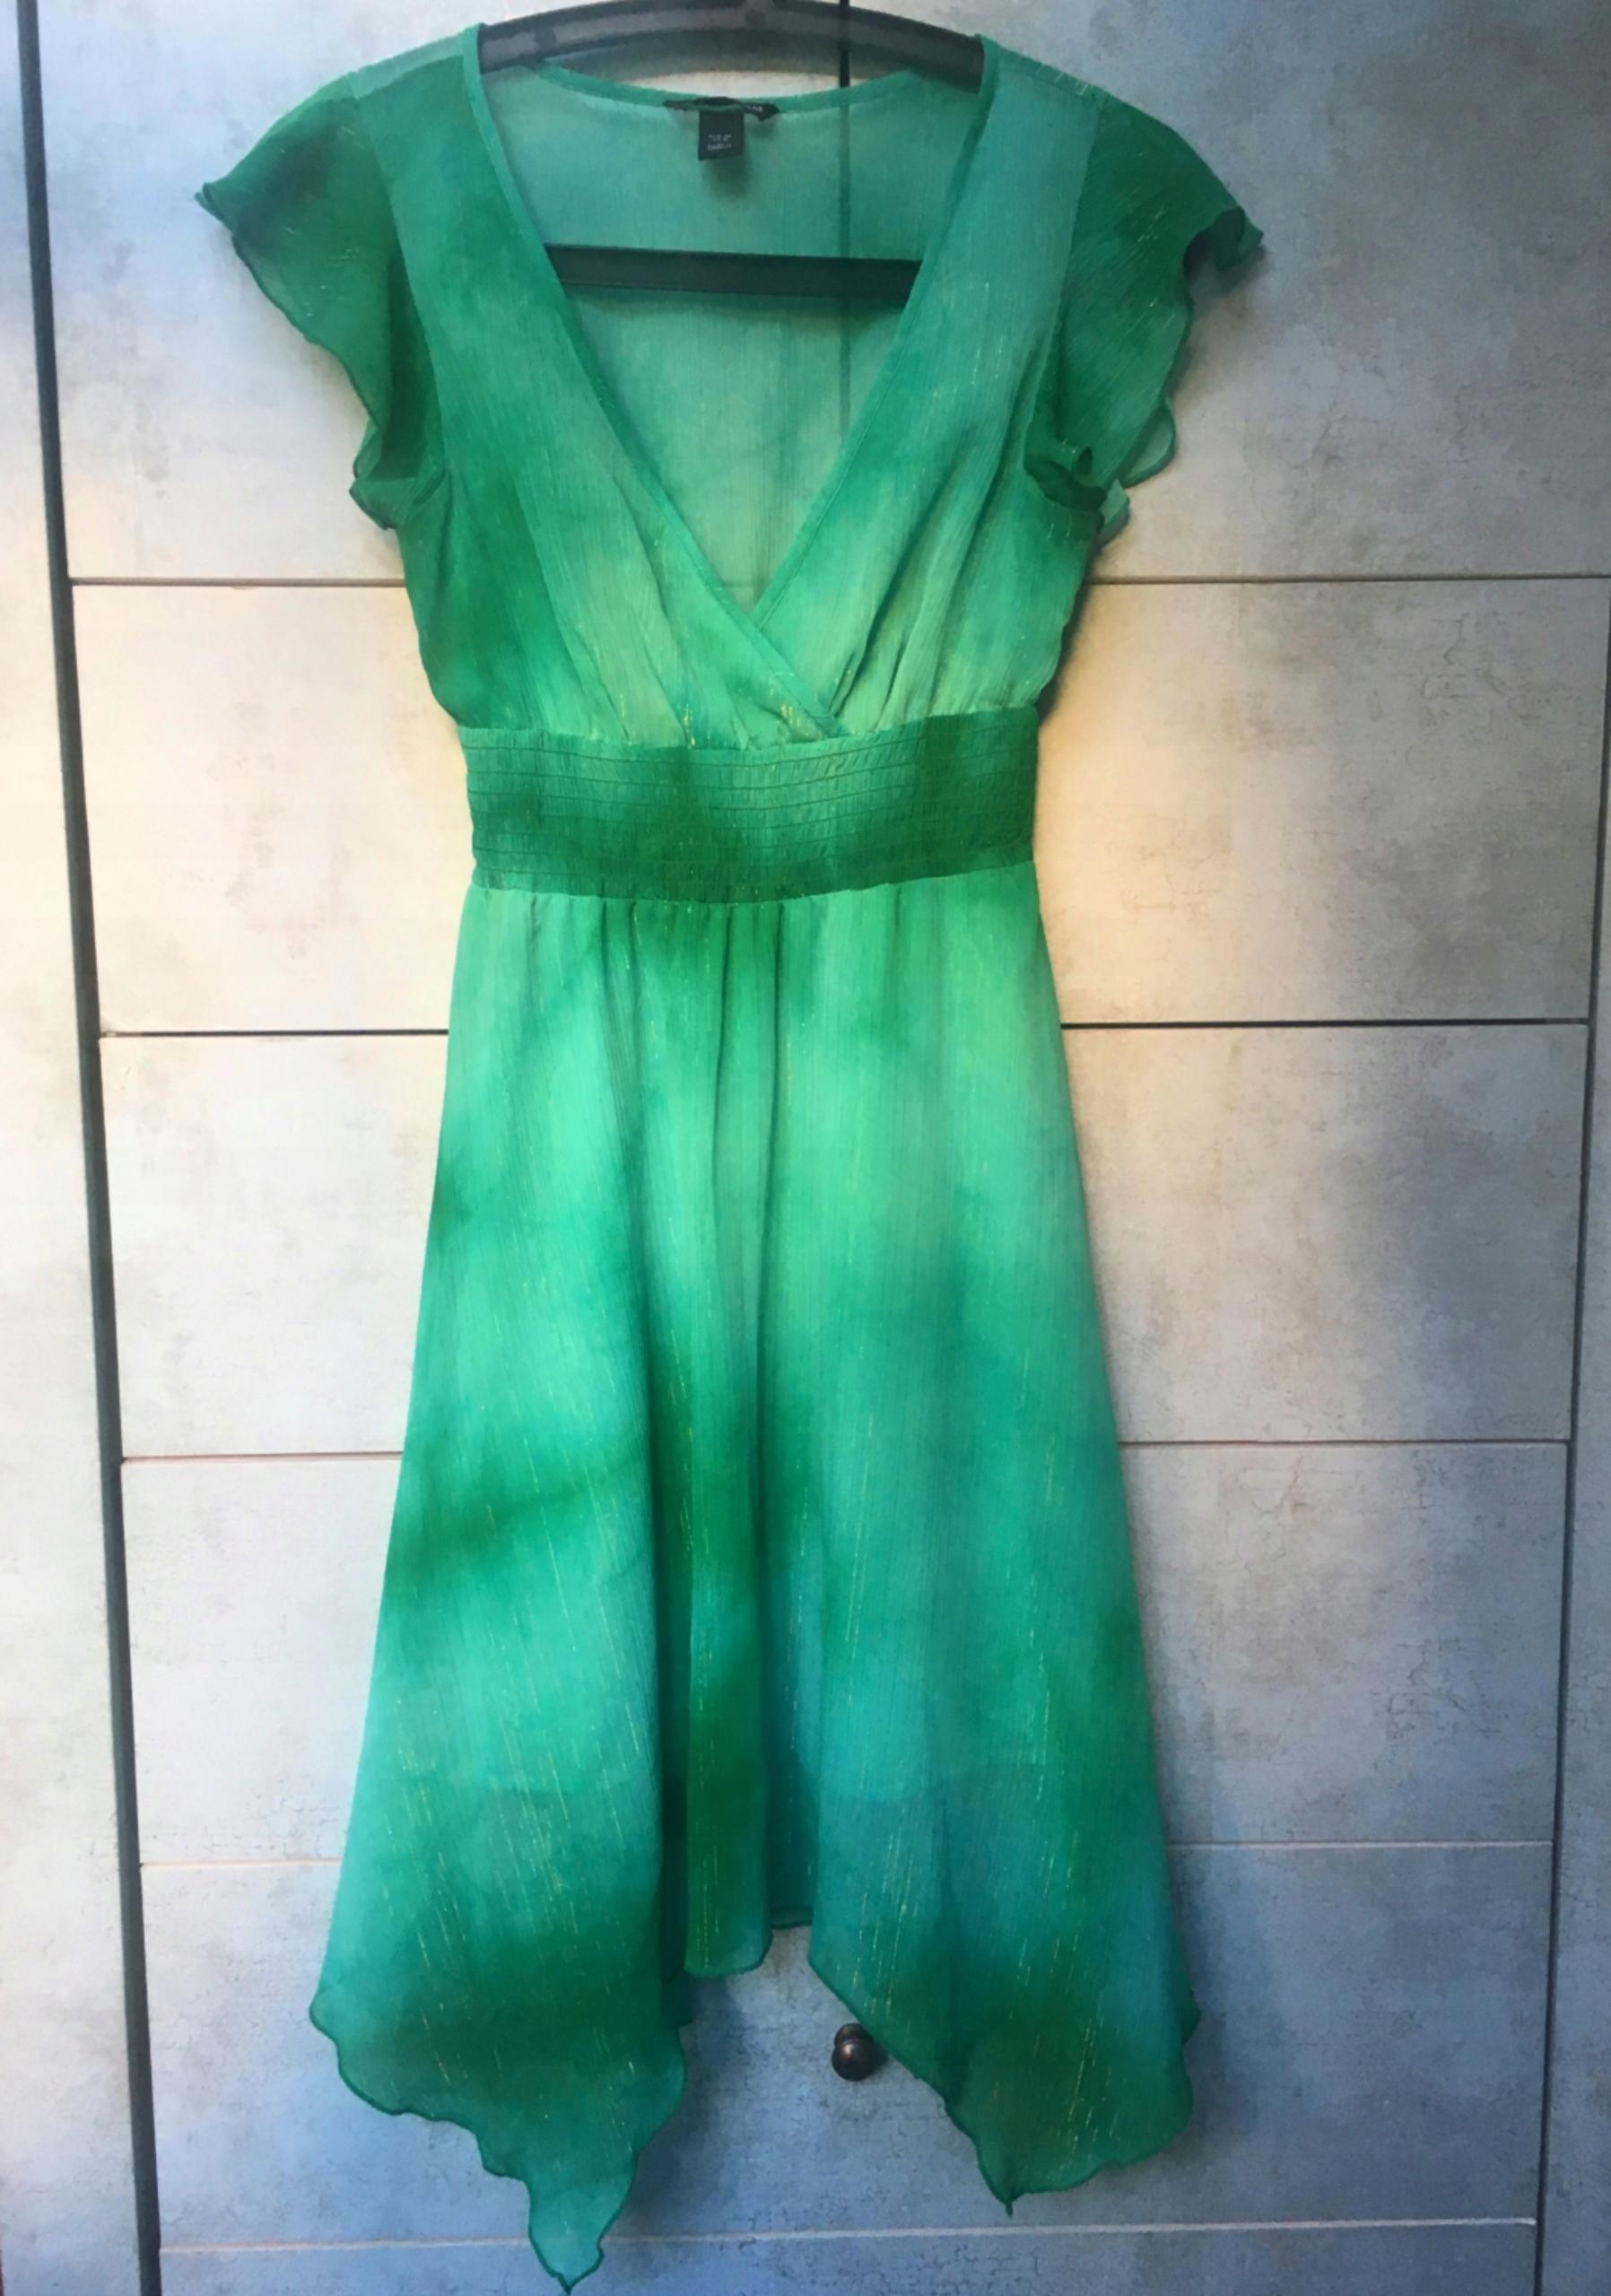 3c27f31b55 kopertowa sukienka zielona HM dekolt zakładany 36 - 7506706052 ...